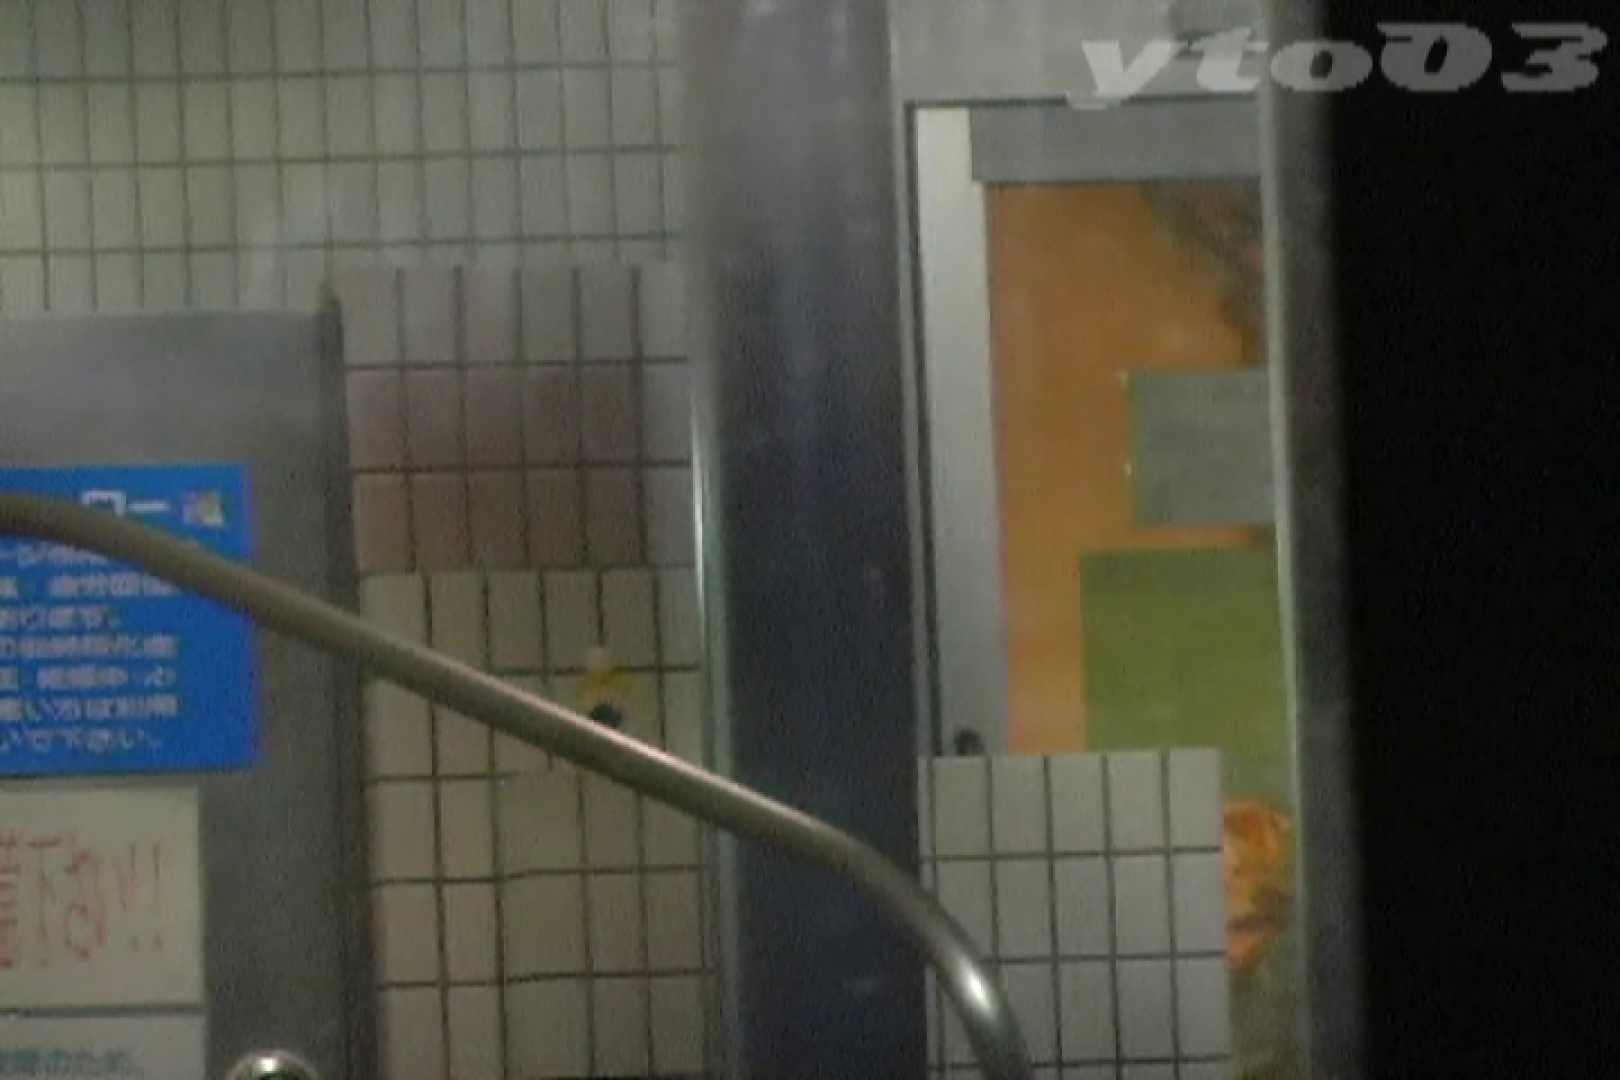 【期間限定配信】合宿ホテル女風呂盗撮 Vol.16 ホテルで絶頂  85画像 64